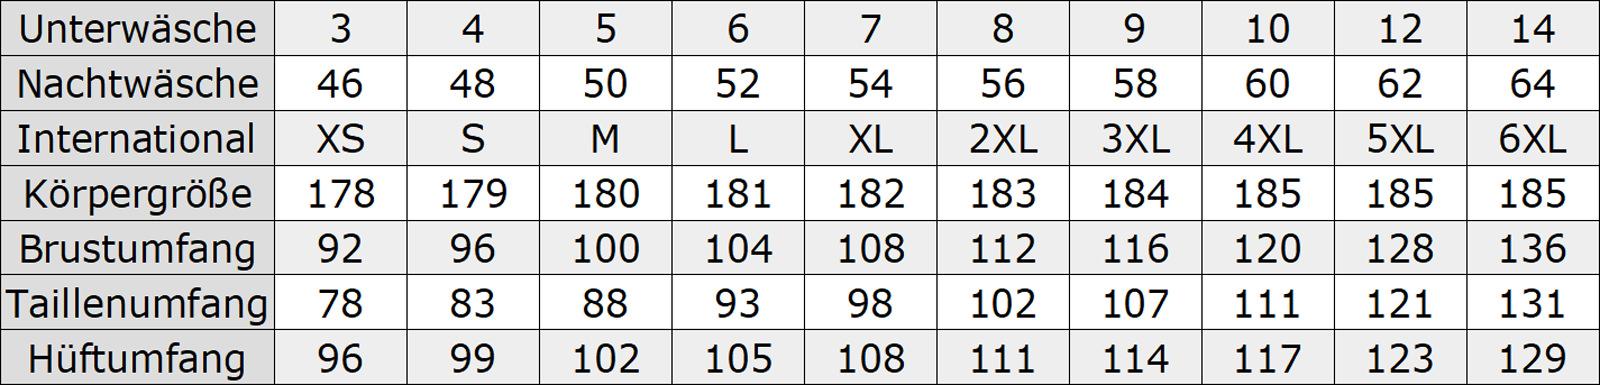 richtige bh größe ermitteln tabelle